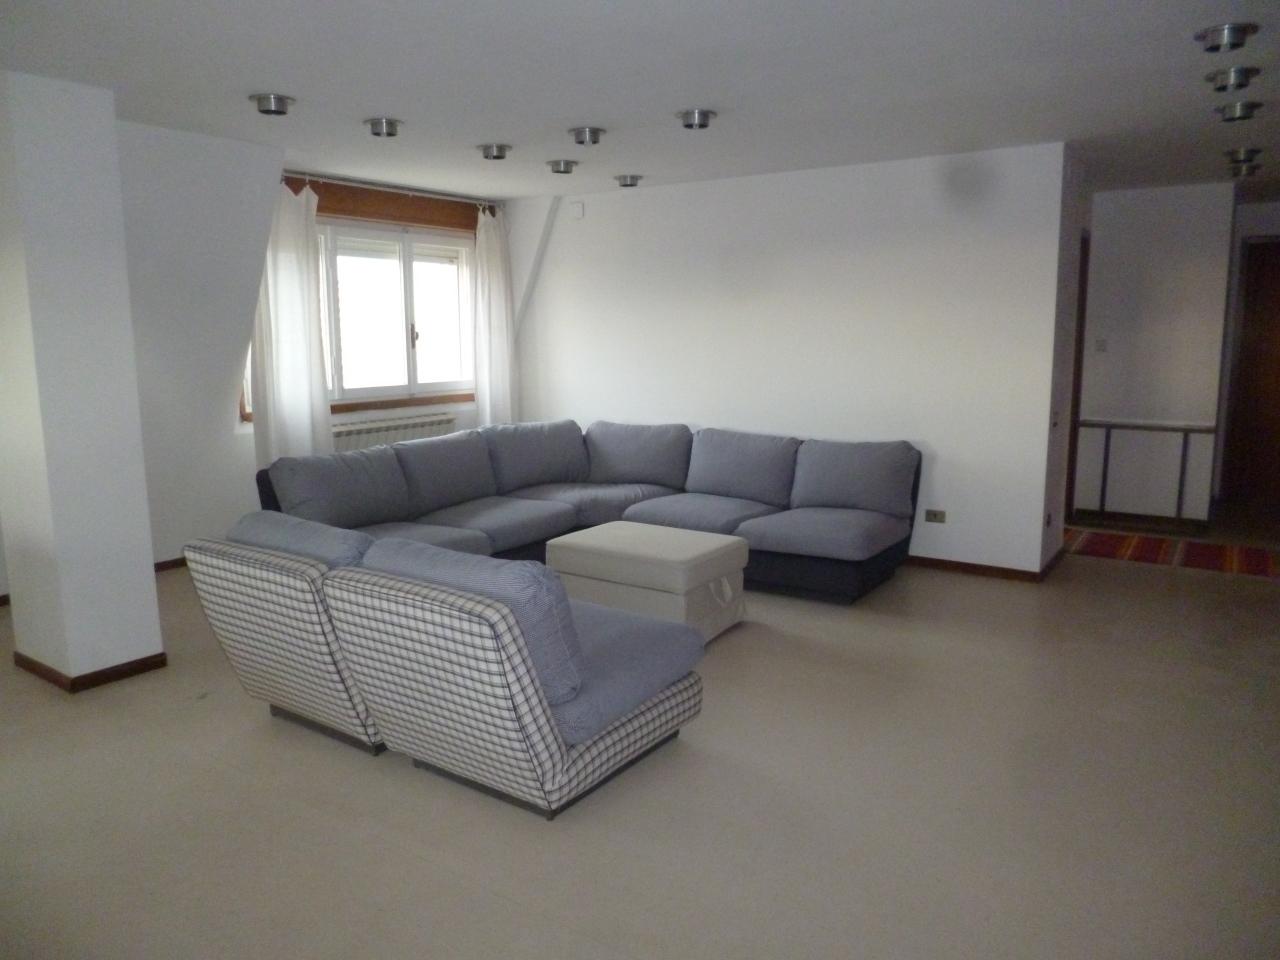 Attico / Mansarda in affitto a Livorno, 4 locali, prezzo € 750 | Cambio Casa.it